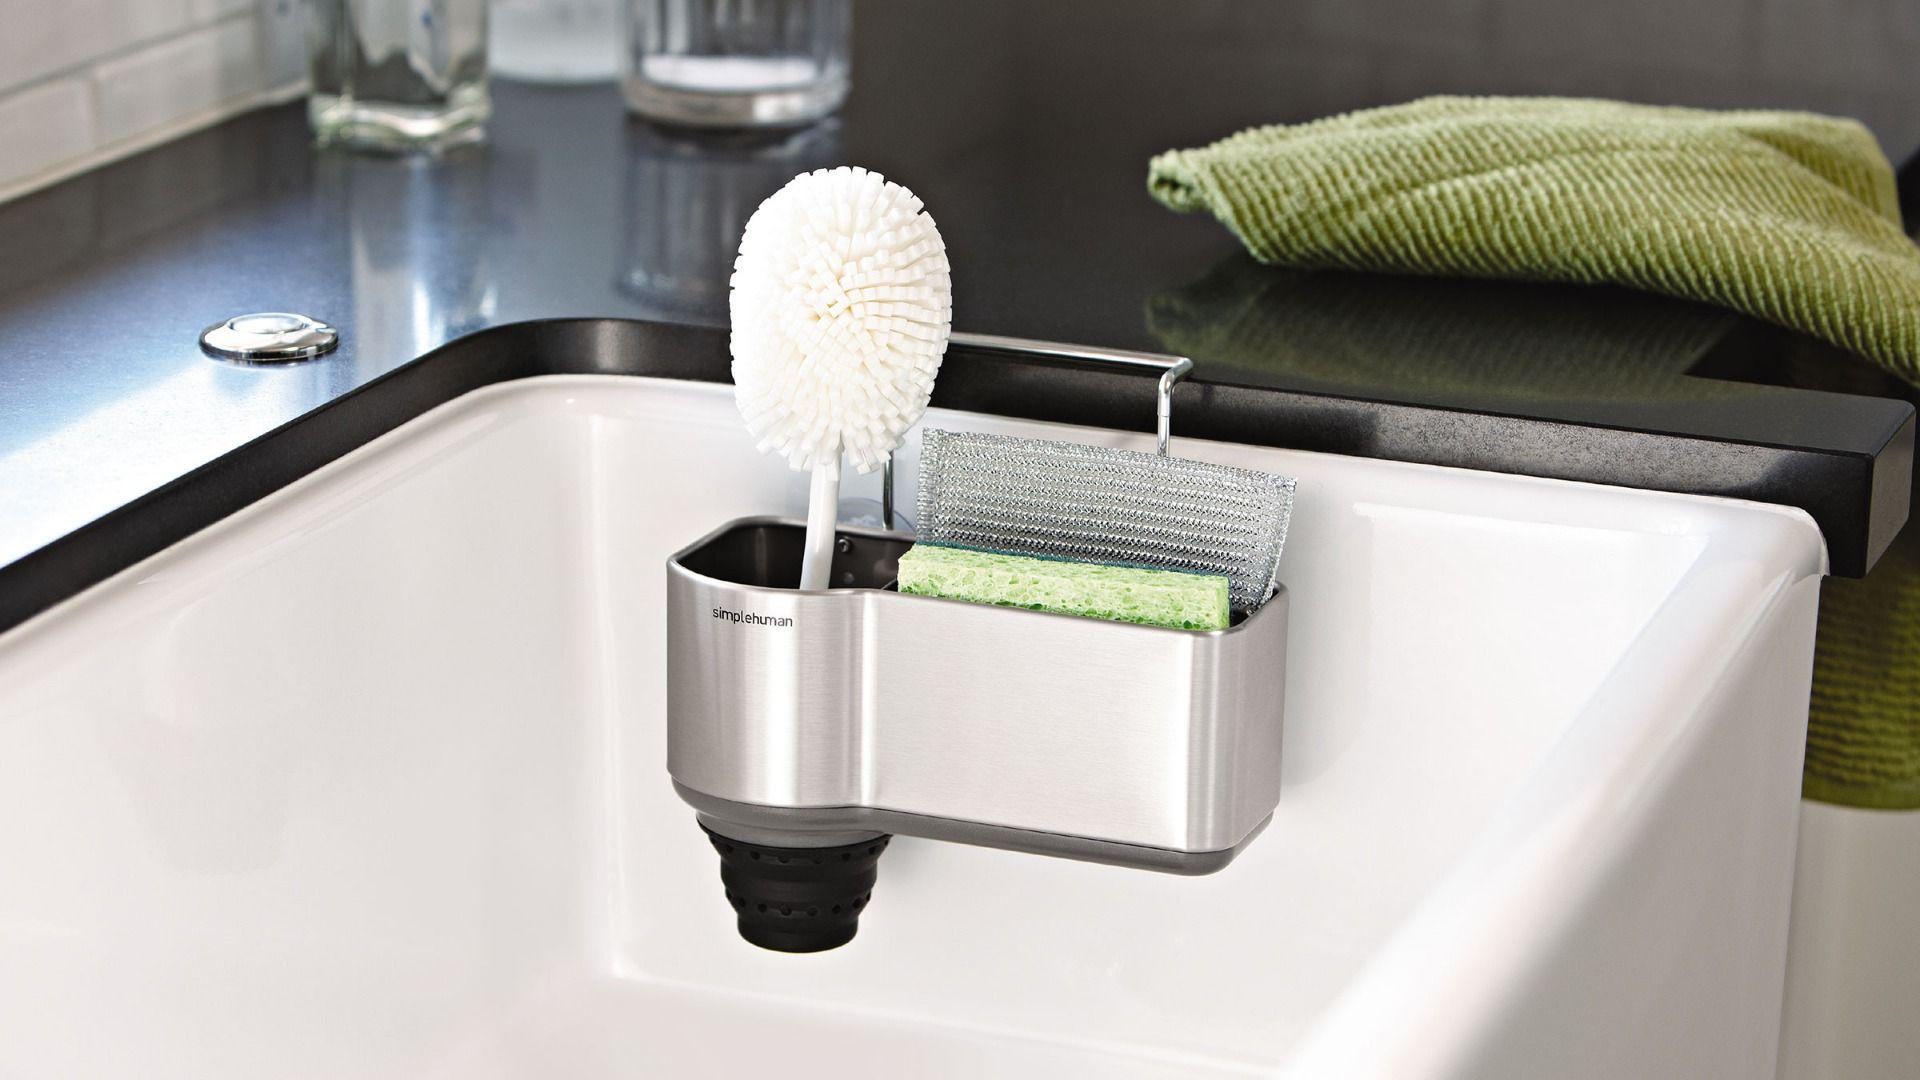 Sink Caddy Kitchen Sink Caddy Sink Caddy Kitchen Sink Accessories